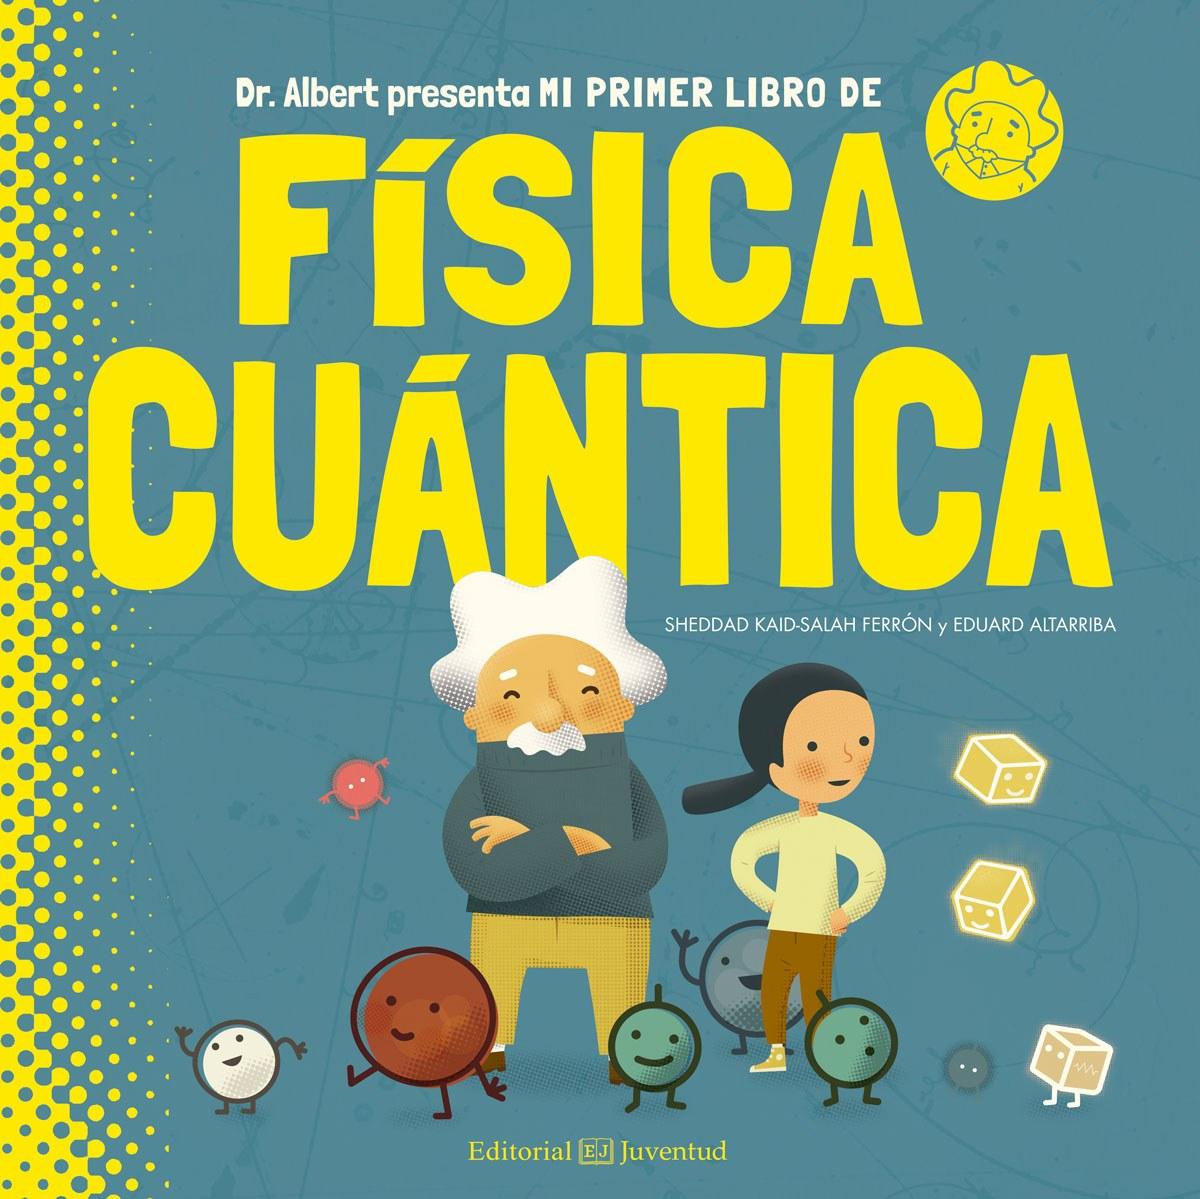 MI PRIMER LIBRO DE FISICA CUANTICA 9788426144782